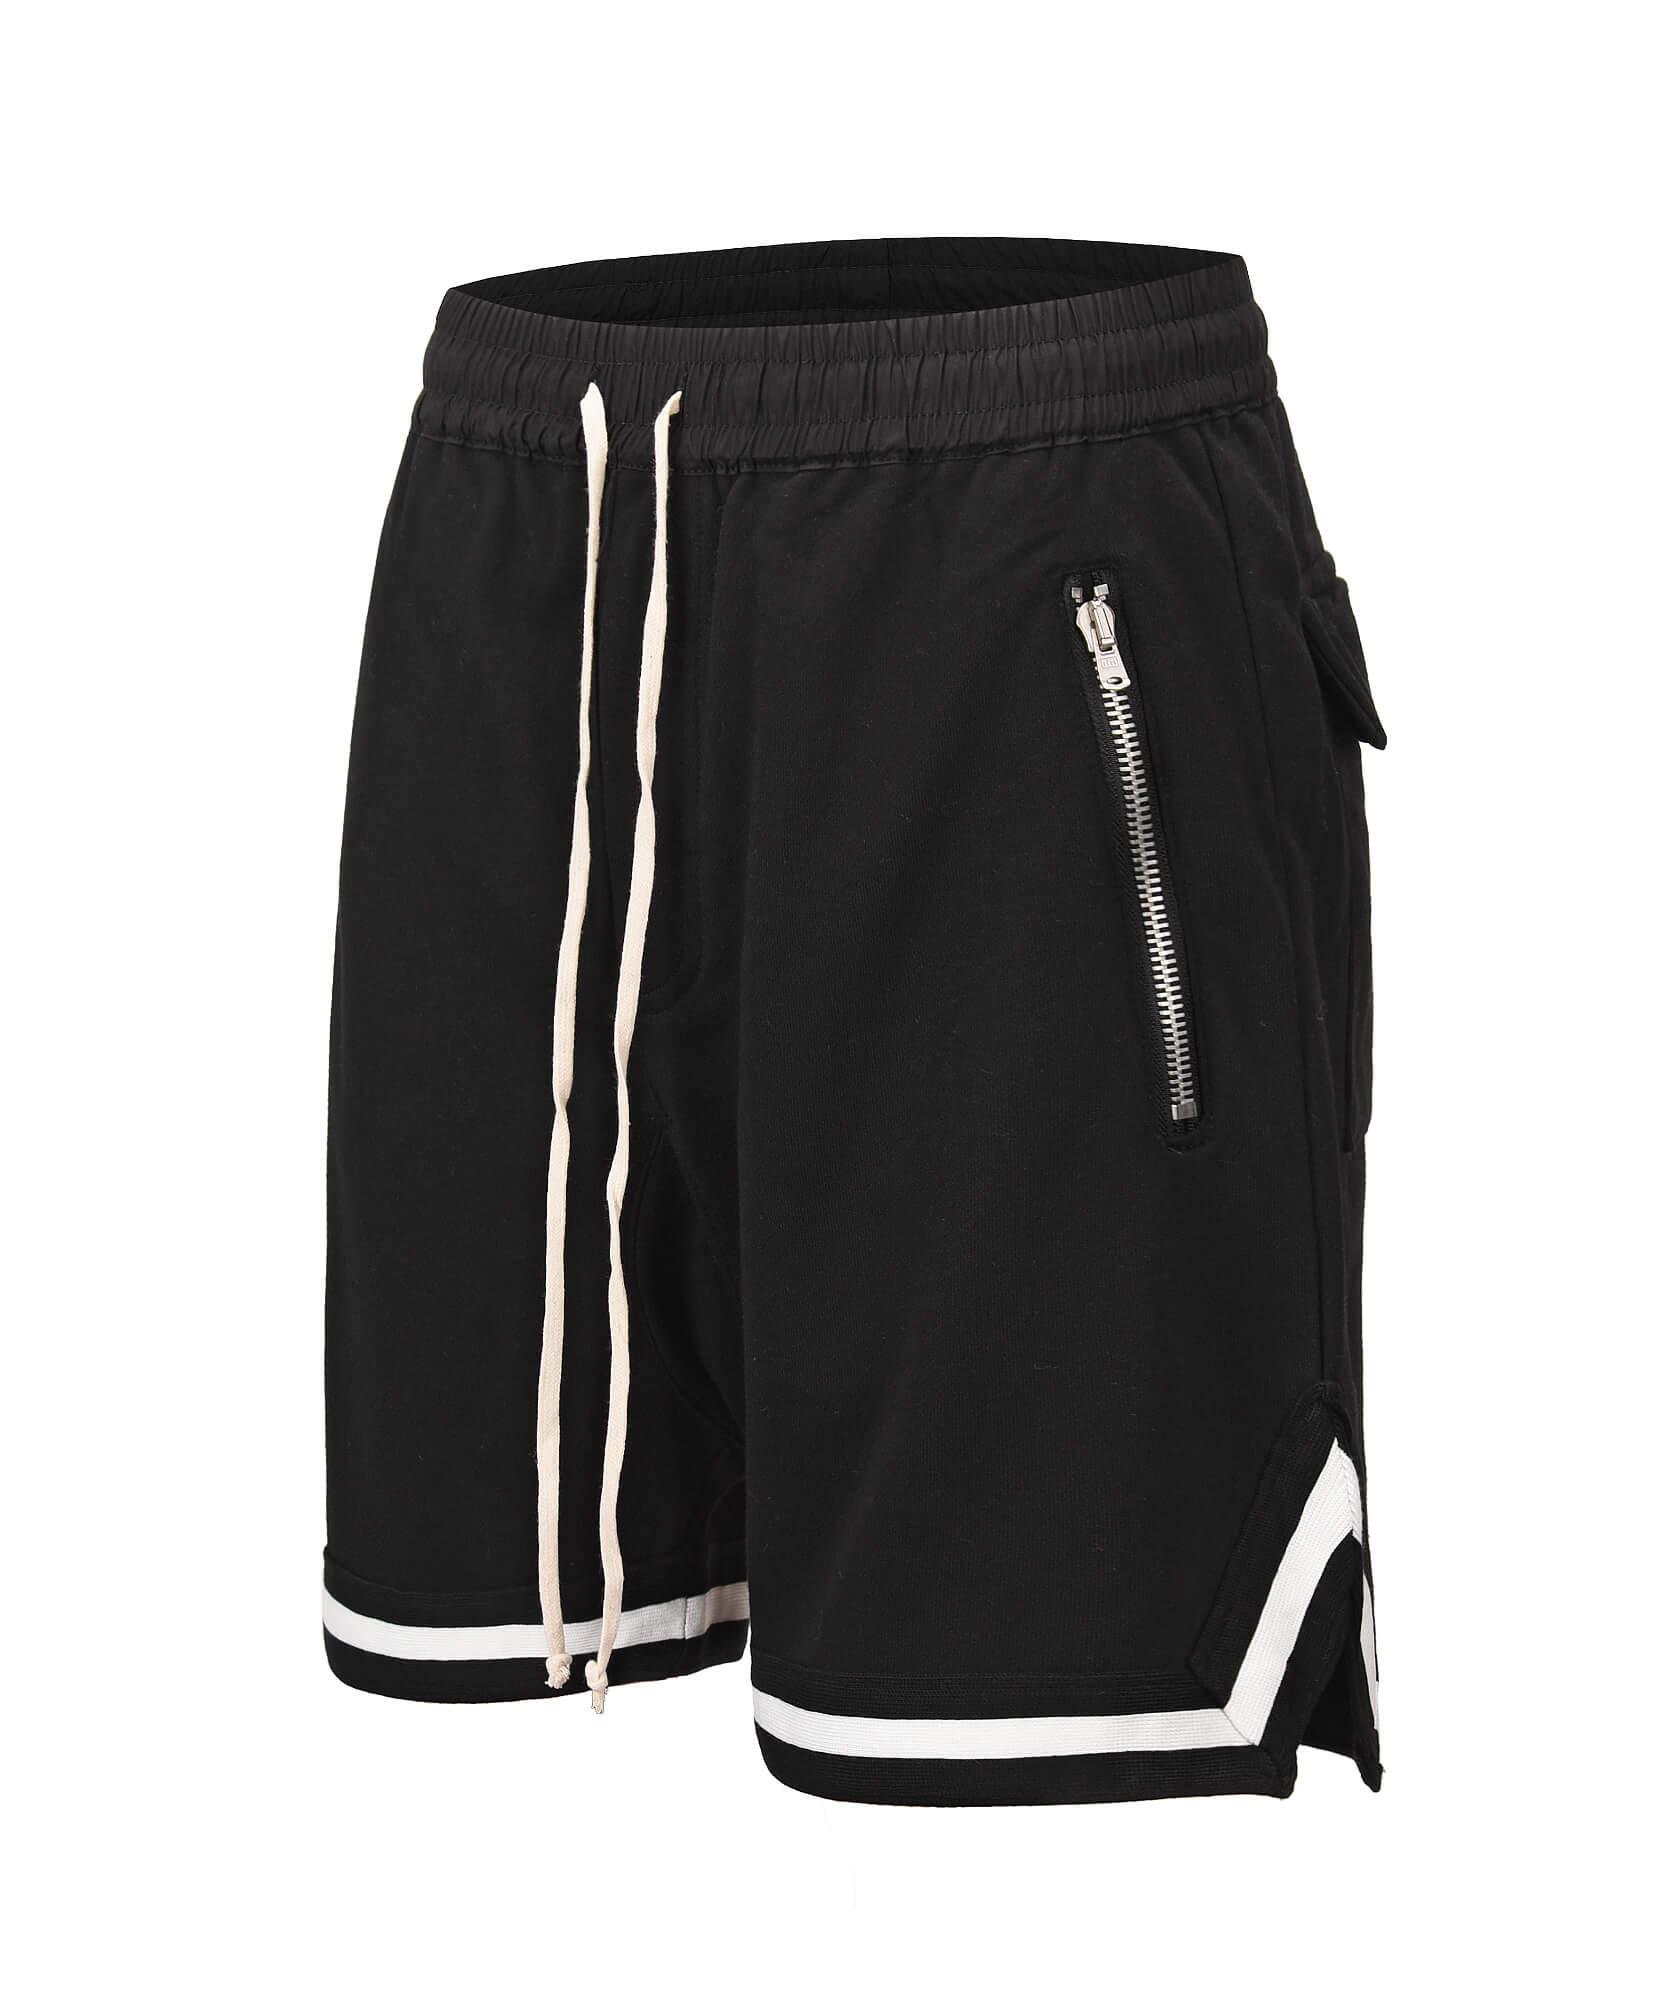 Drop Crotch Shorts V2- Black